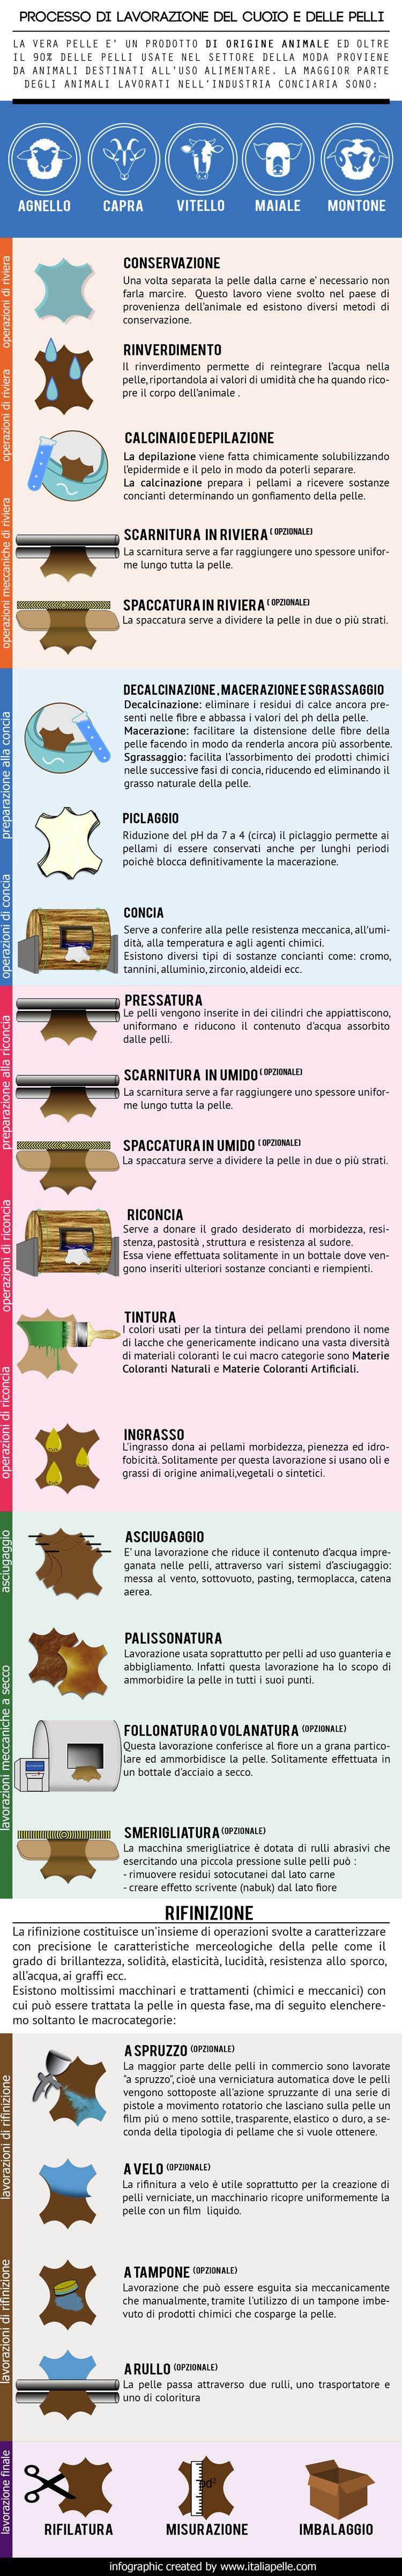 processo concia - lavorazione pelli cuoio  infografica